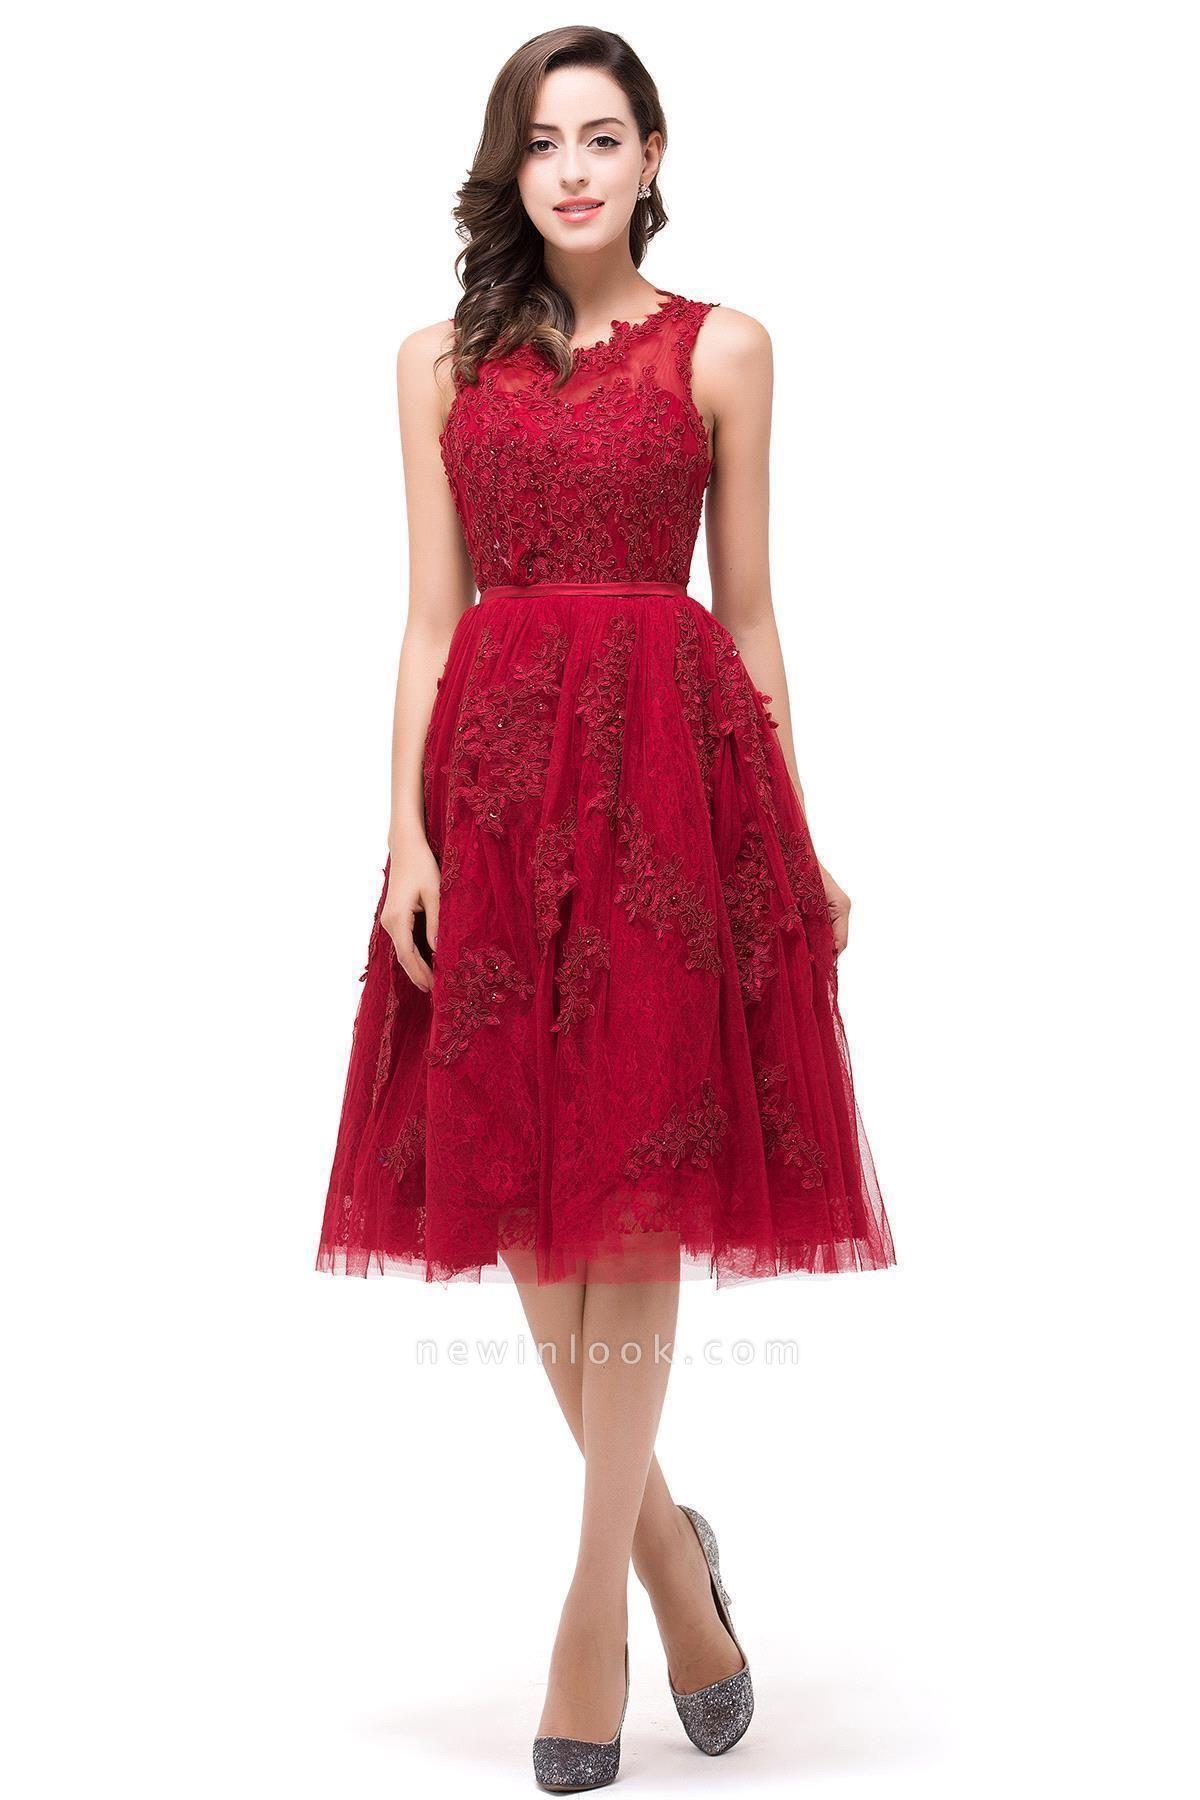 Perlas con apliques de encaje Vestidos de baile | rojo Tul Hasta la rodilla